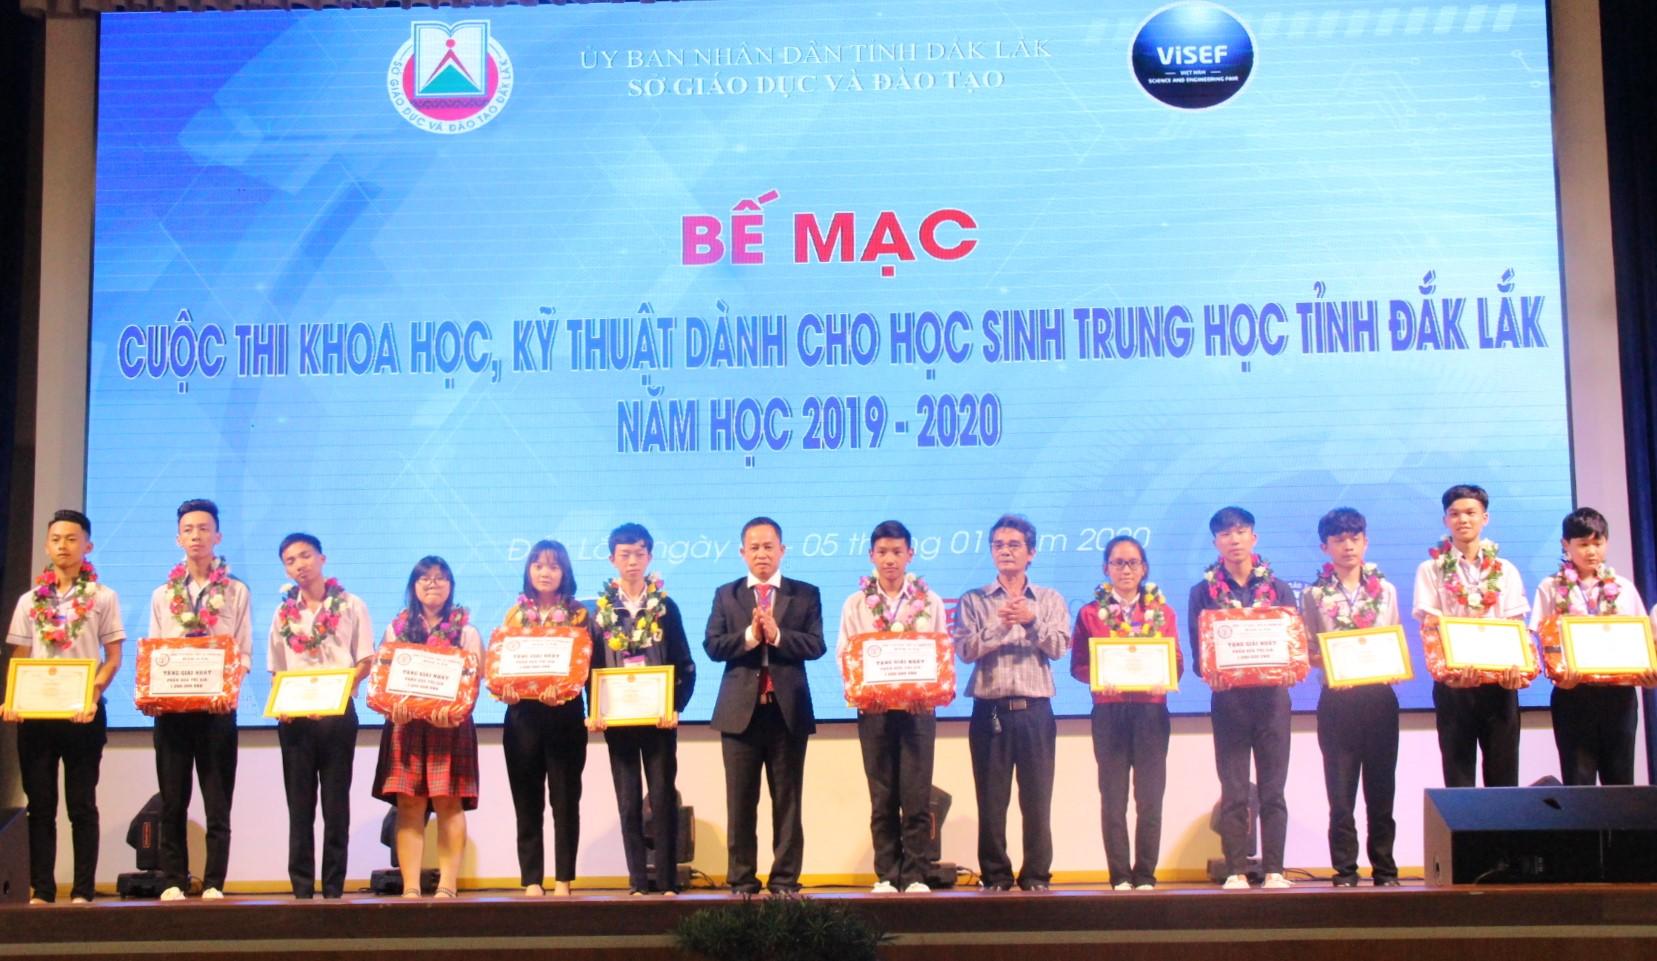 Bế mạc Cuộc thi khoa học, kỹ thuật dành cho học sinh trung học tỉnh Đắk Lắk năm học 2019-2020